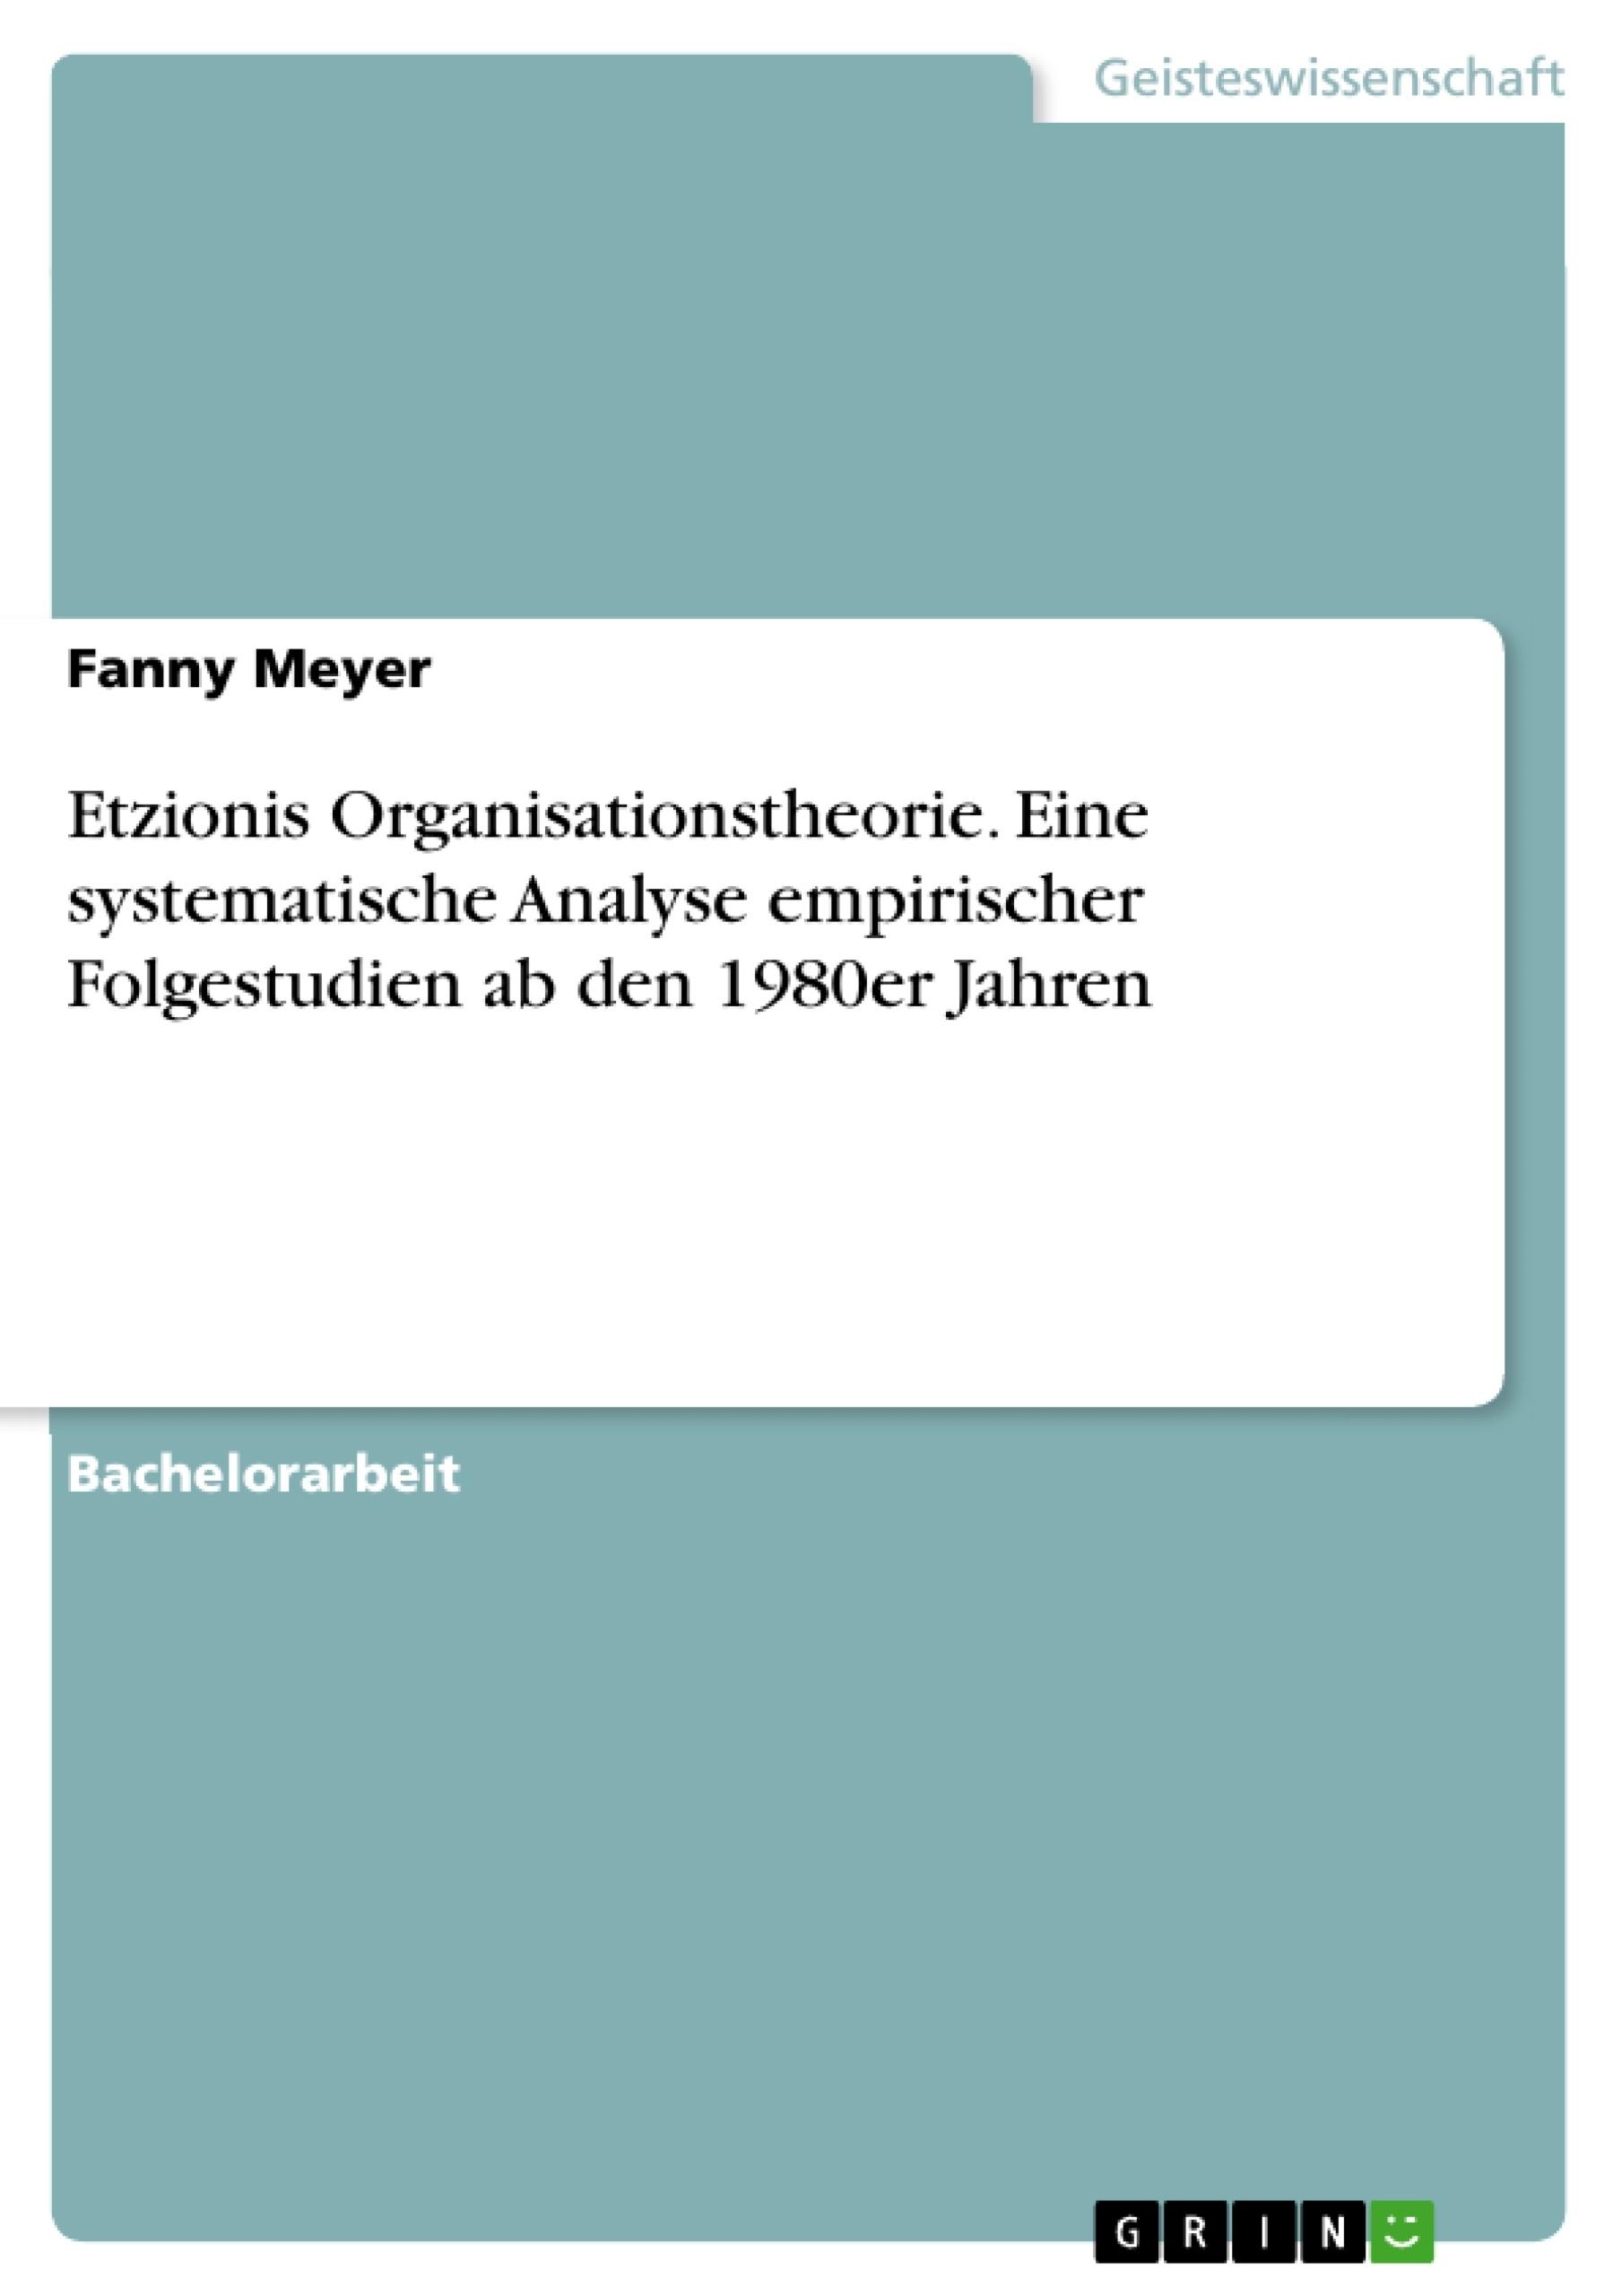 Titel: Etzionis Organisationstheorie. Eine systematische Analyse empirischer Folgestudien ab den 1980er Jahren